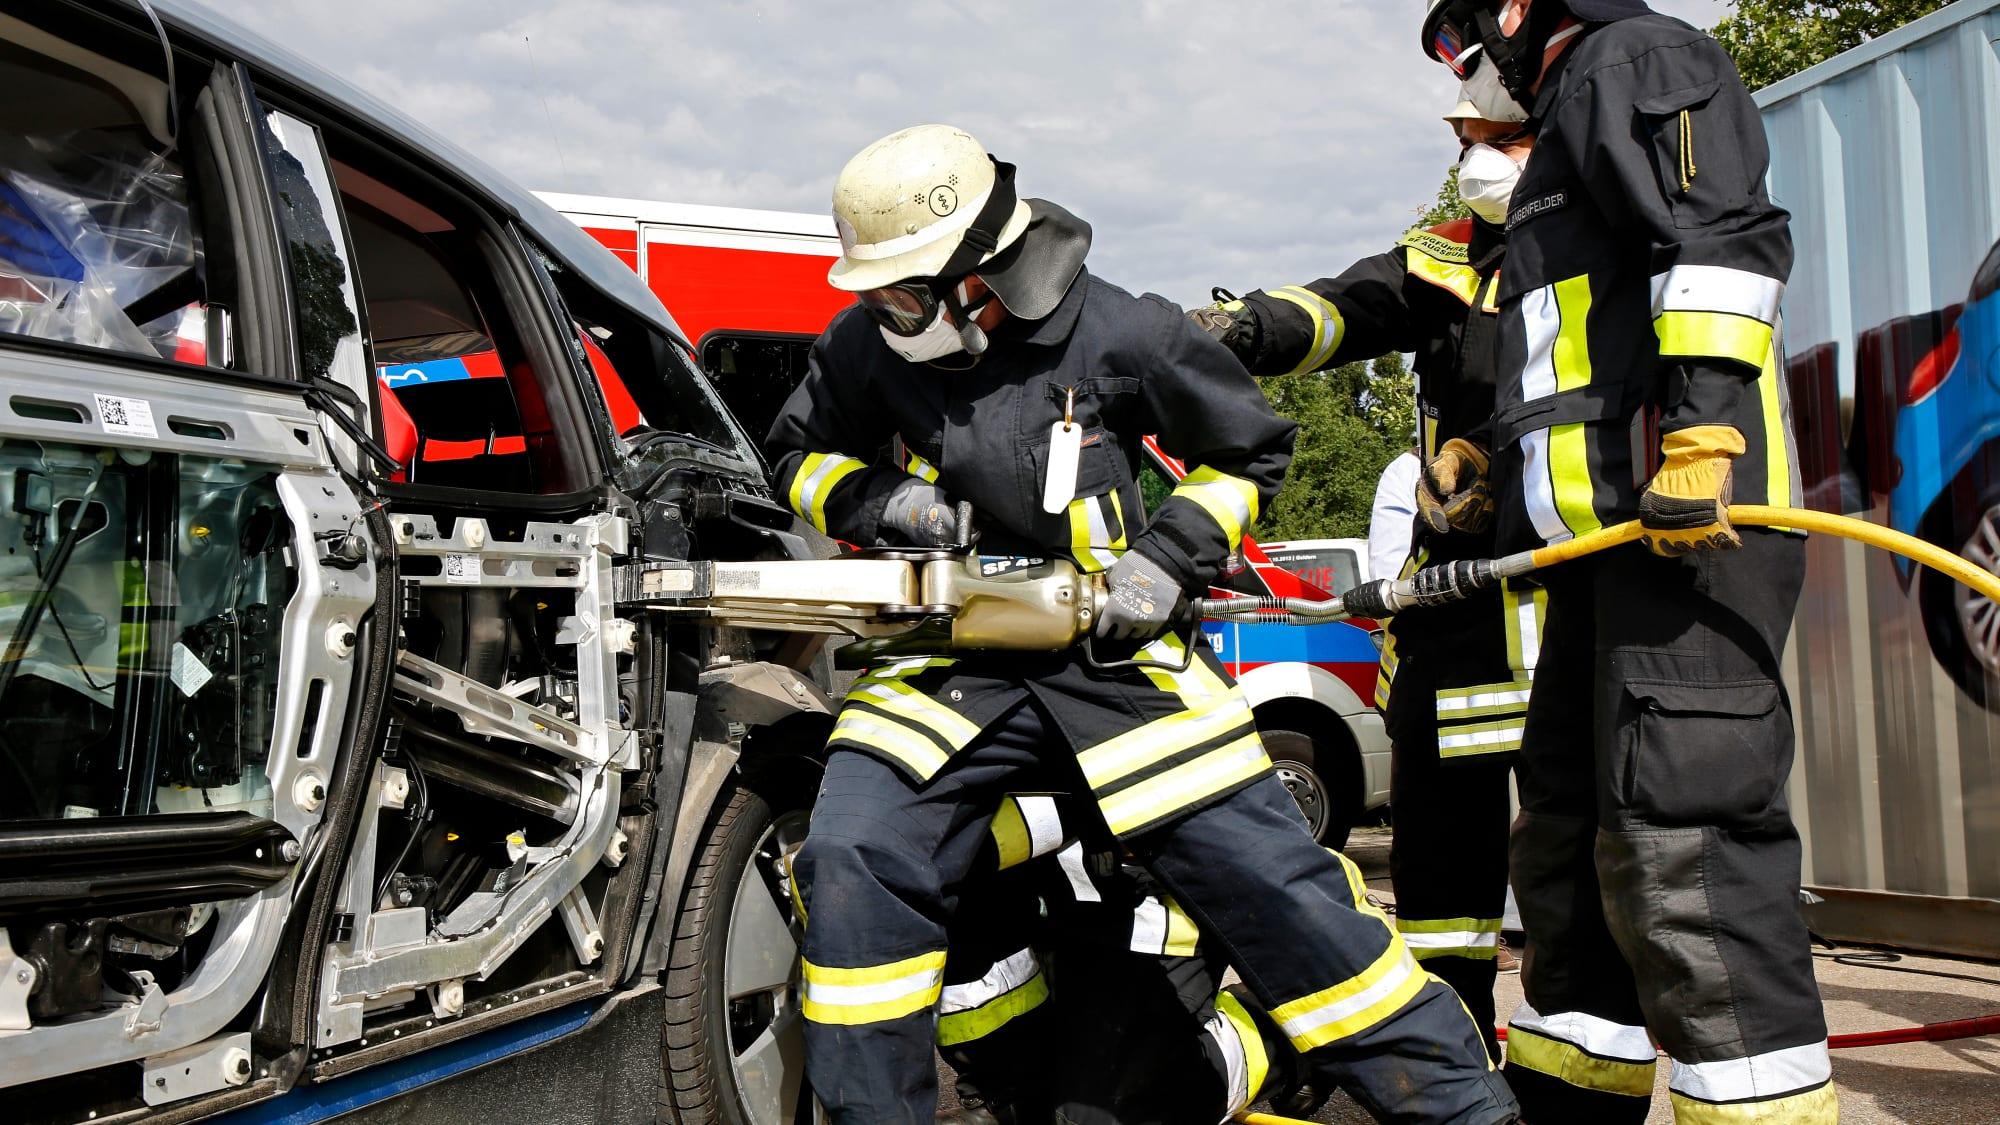 Feuerwehr befreit einen Insassen eines Autos nach einem Unfall